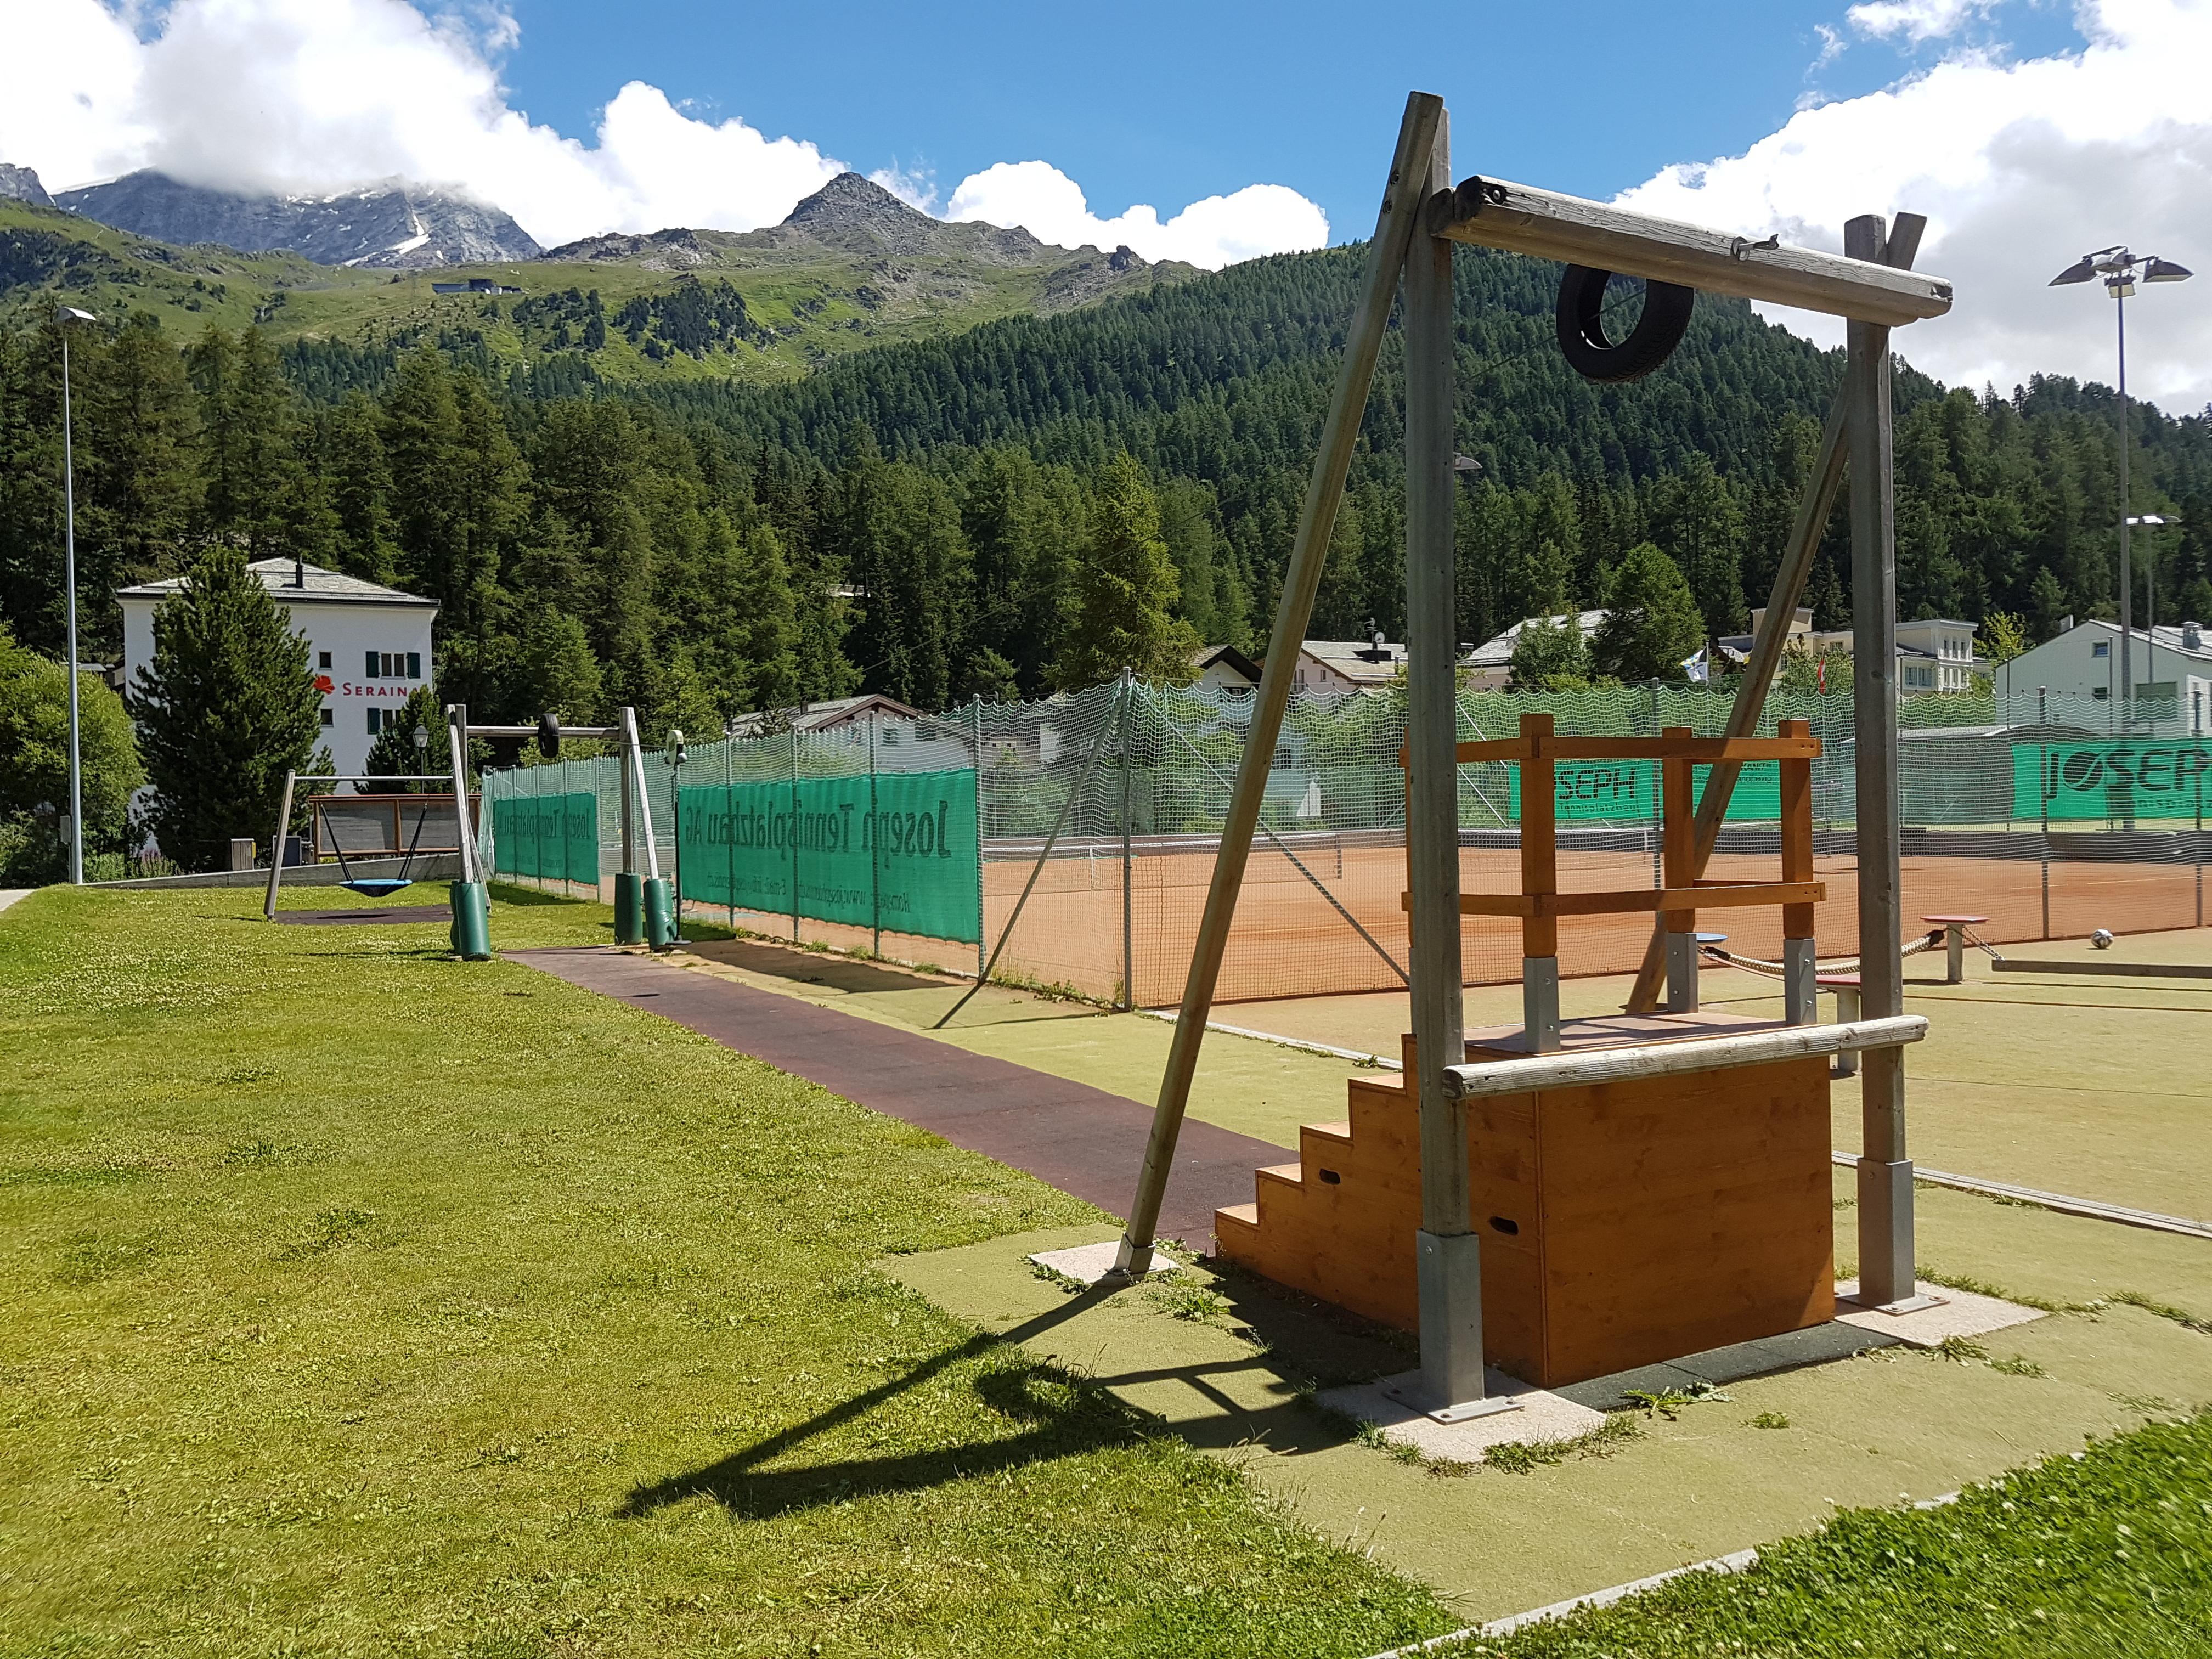 Kinderspielplatz beim Sportplatz Muot Marias Slide 2